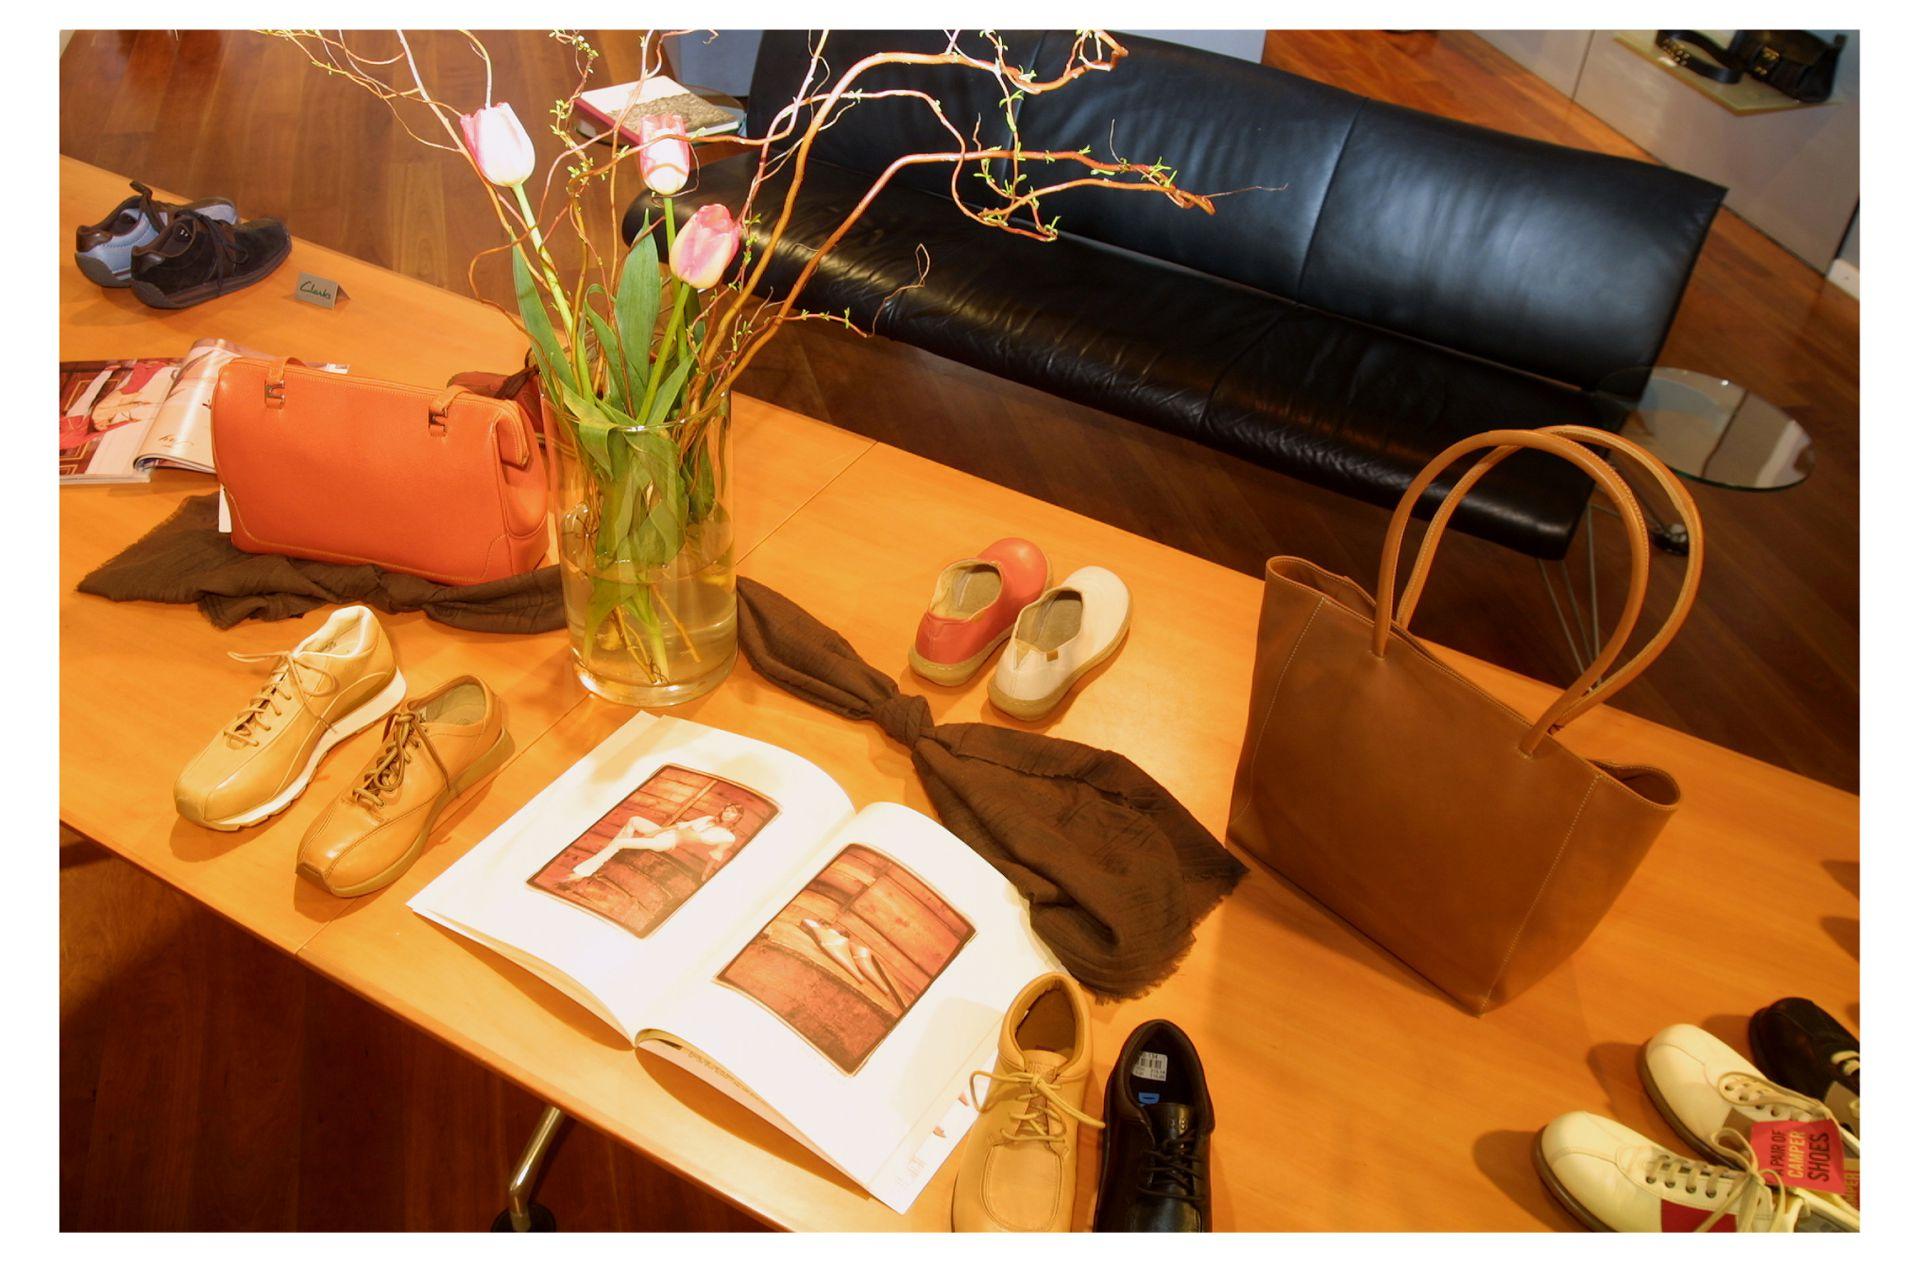 Dekoration: Schuhe, eine Tasche ein Schal und Magazine